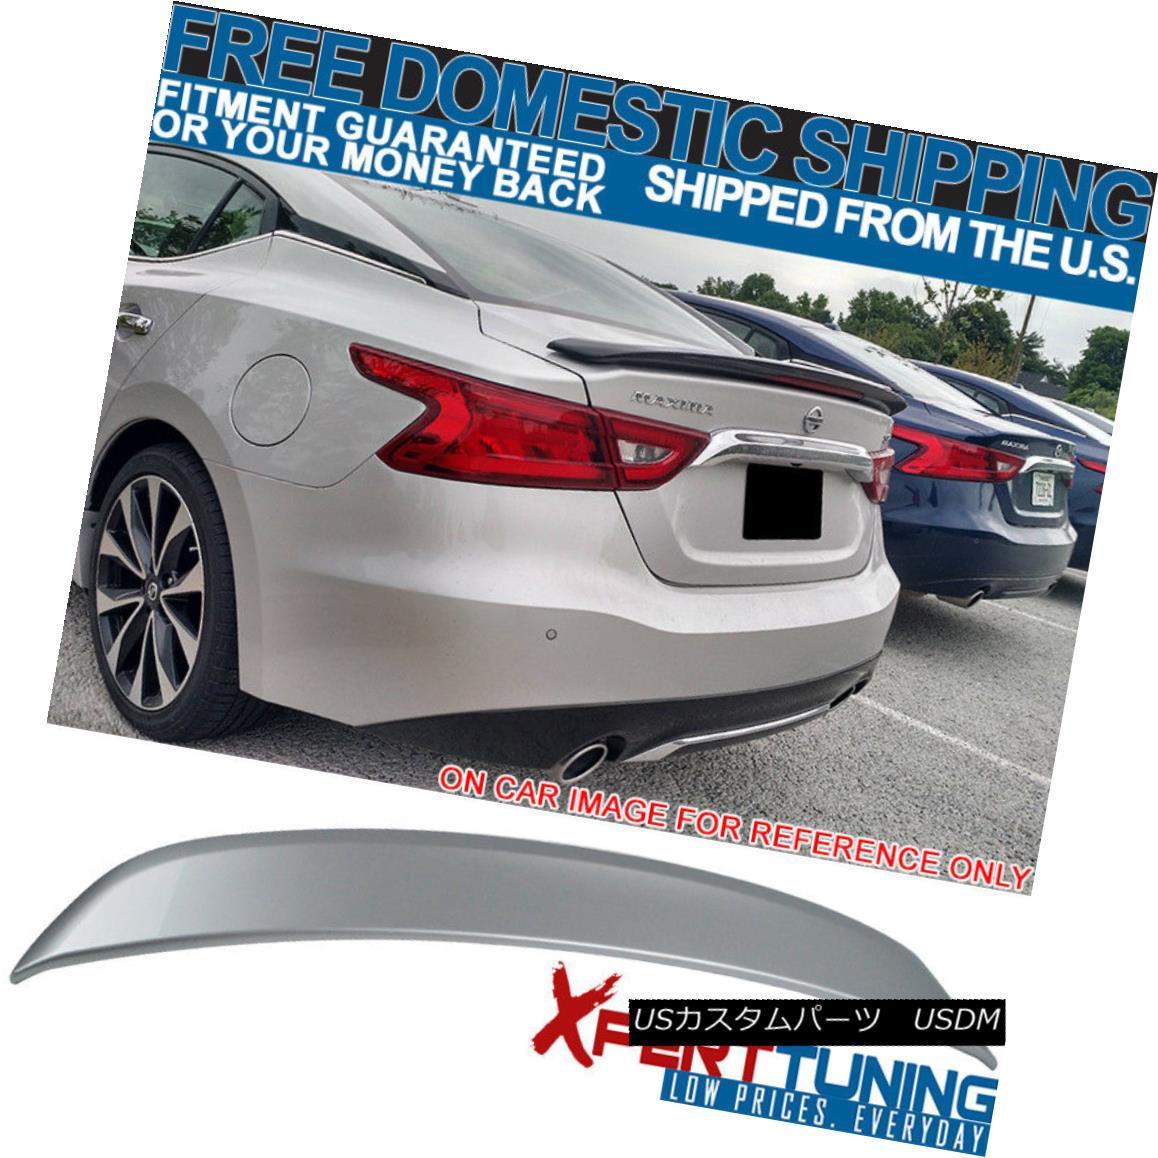 エアロパーツ Fit 16-18 Maxima OE2 Trunk Spoiler Painted Brilliant Silver Metallic #K23 - ABS フィット16-18マキシマOE2トランクスポイラー塗装ブリリアントシルバーメタリック#K23 - ABS